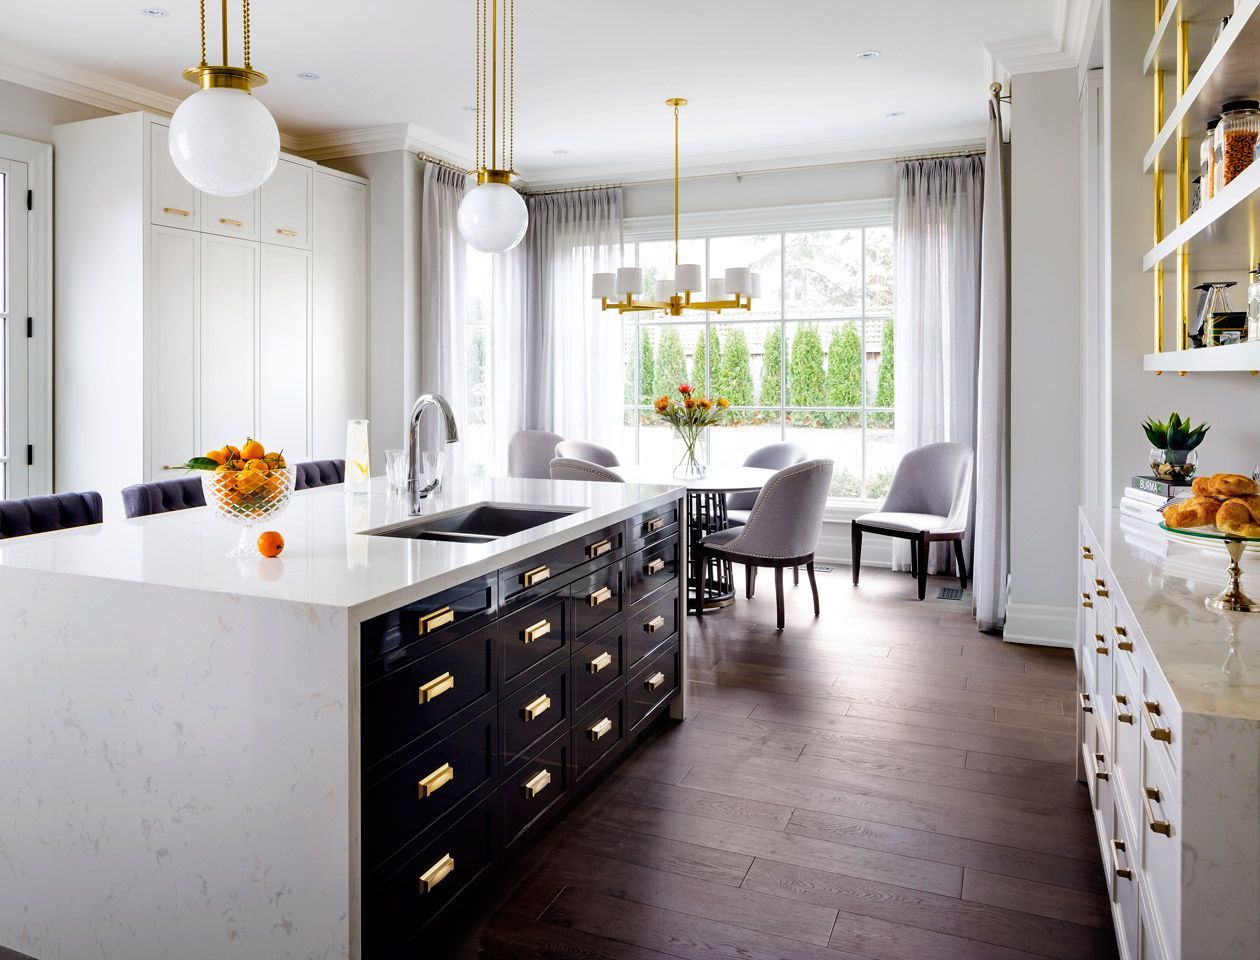 Küchendesign grau und weiß thinking of ways to make your kitchen more interesting keep the